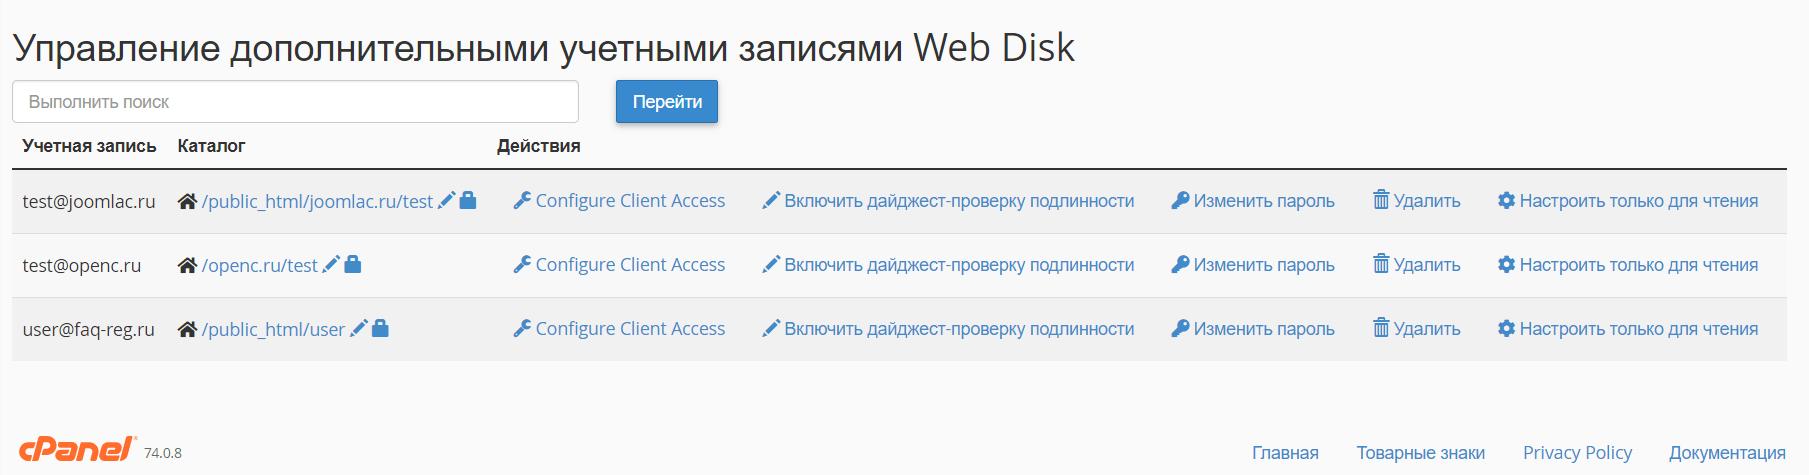 как создать дополнительную учетную запись в web disk 6